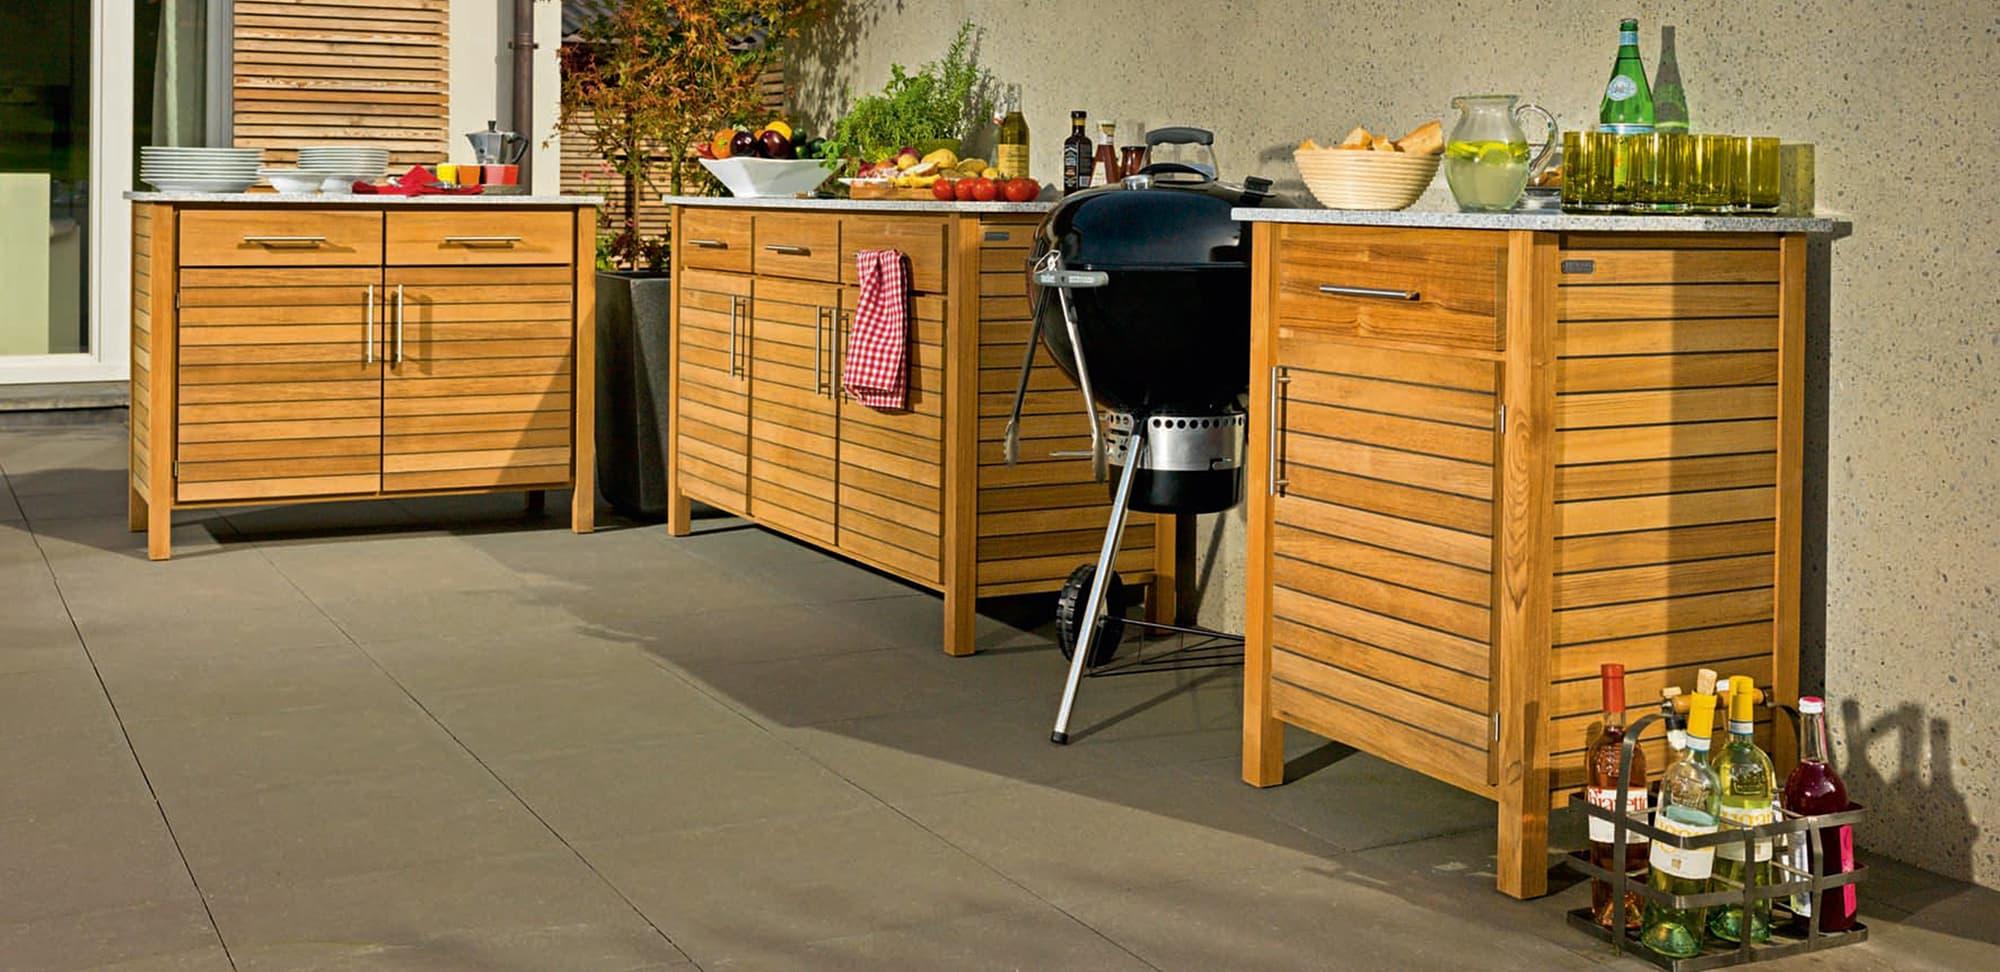 mit der outdoor k che unter freiem himmel feiern. Black Bedroom Furniture Sets. Home Design Ideas